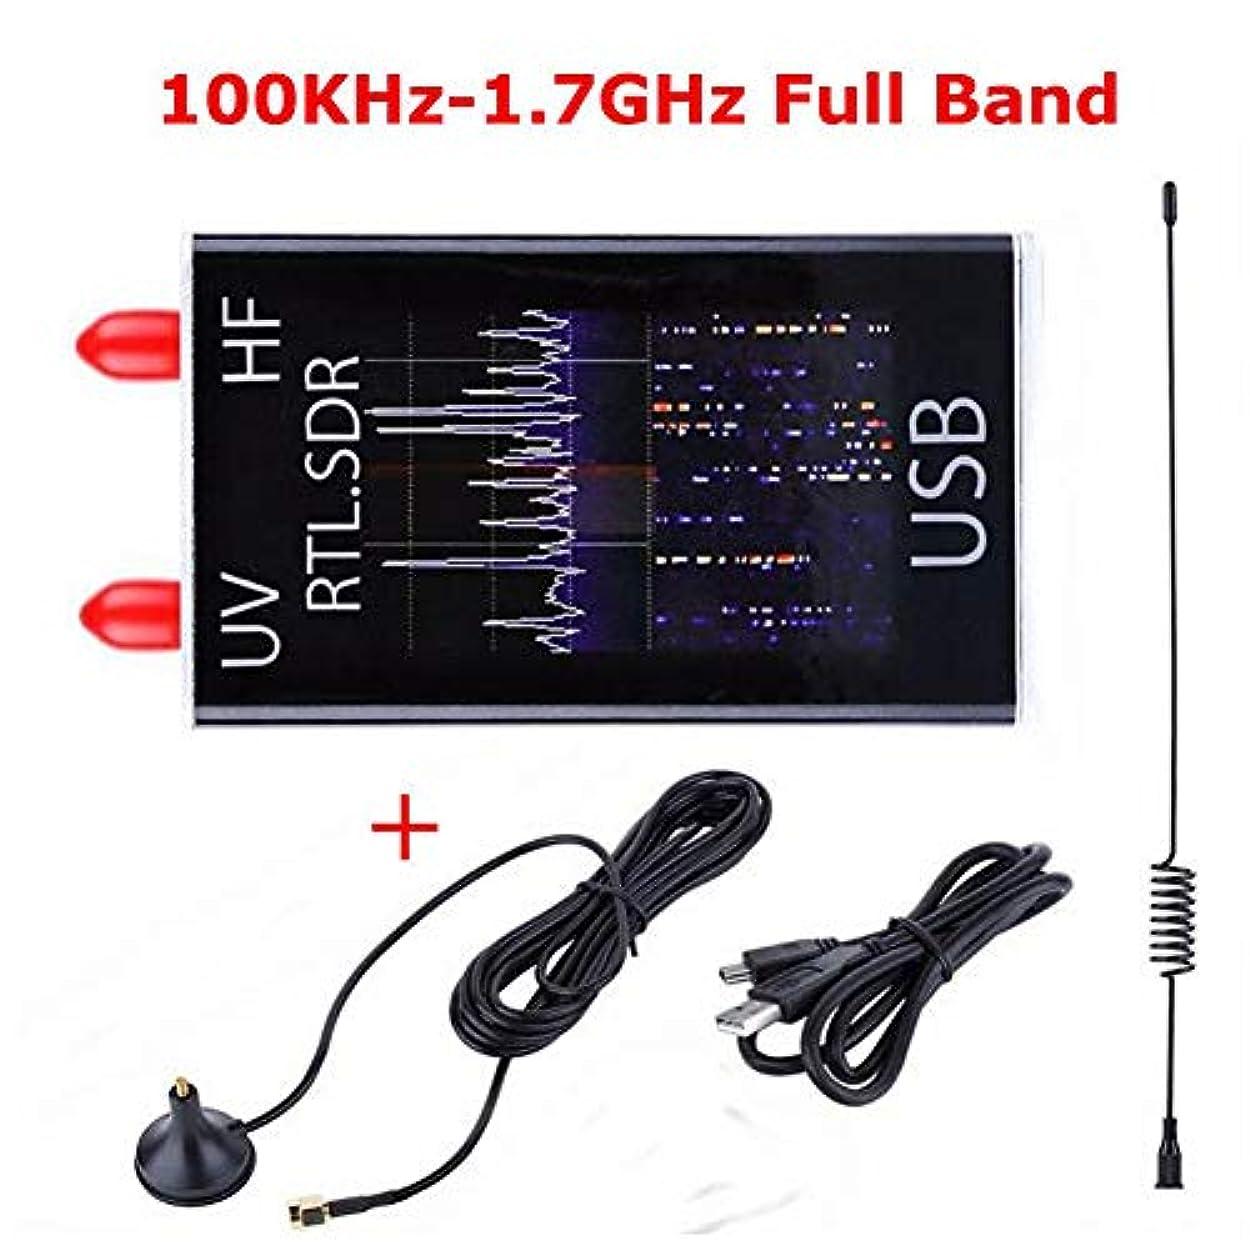 追放侵入する君主ACHICOO 100KHz?1.7GHzフルバンドUV HF RTL-SDR USBチューナーレシーバ/ R820T + 8232ハムラジオ